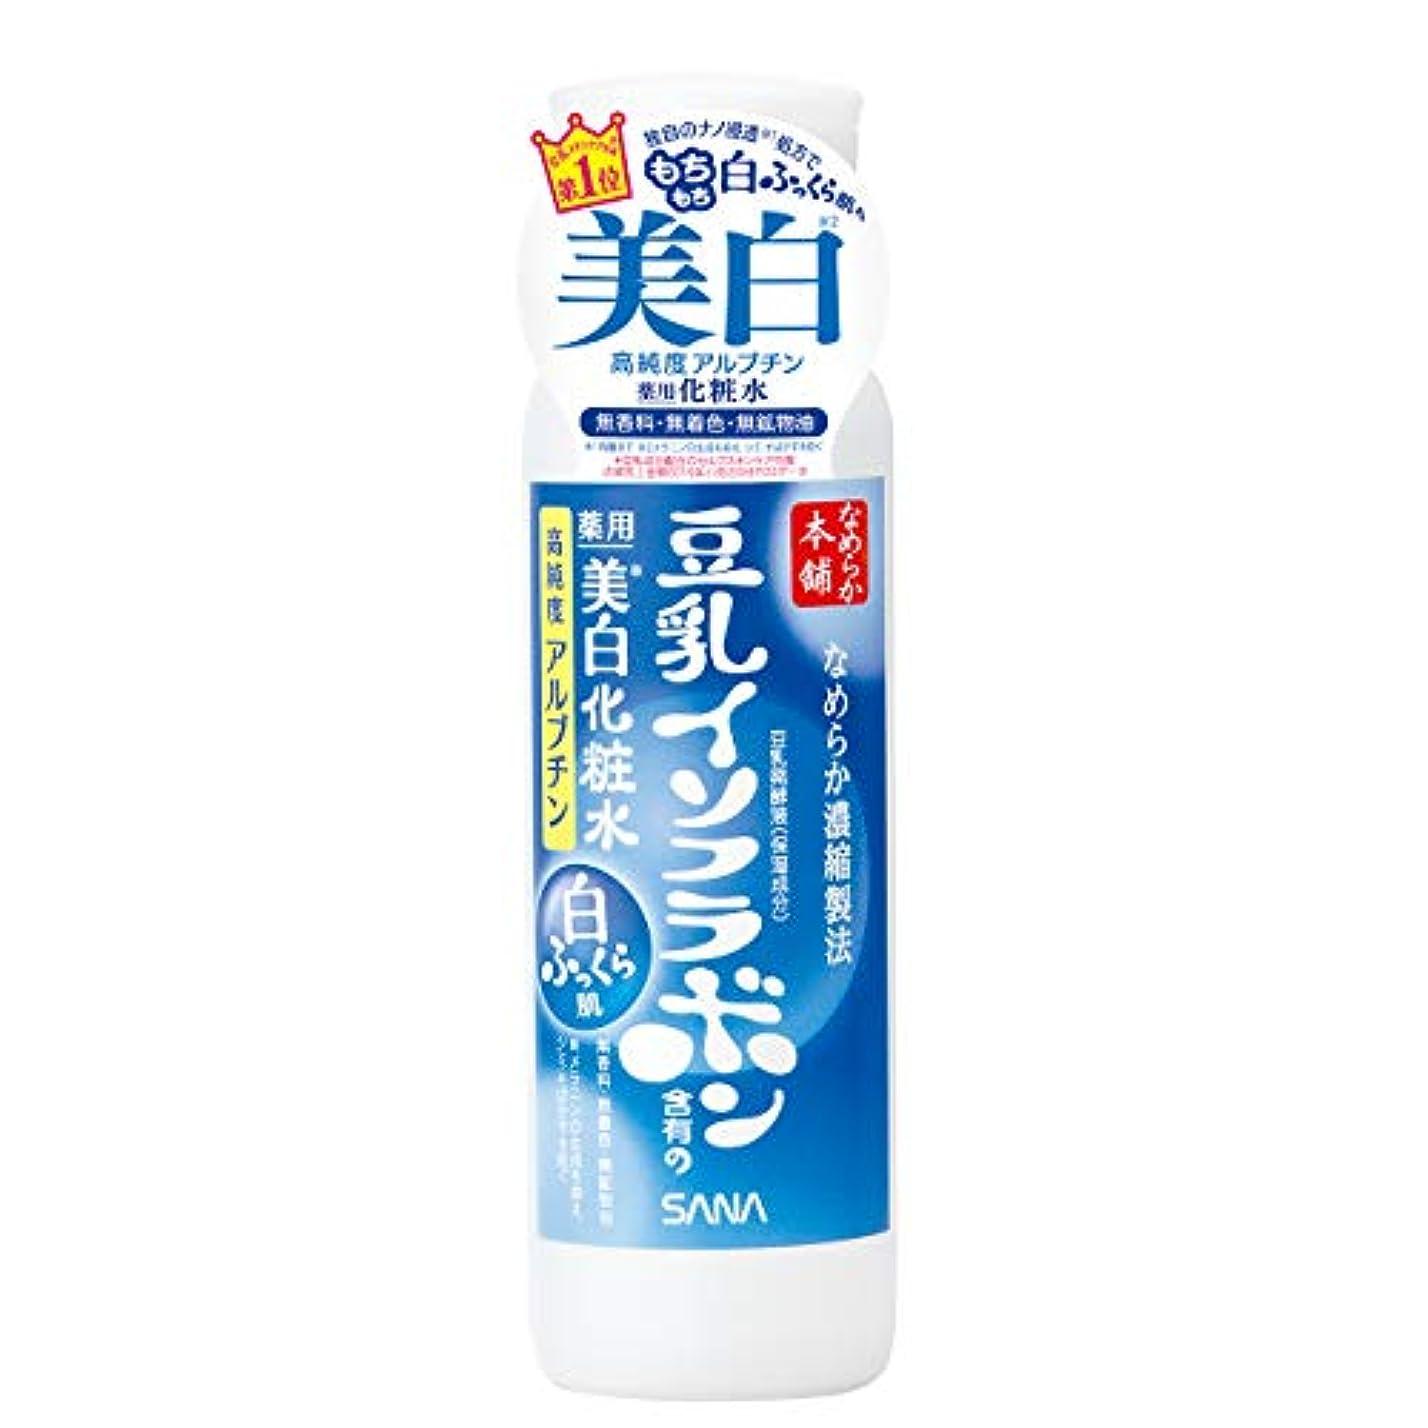 マウンド役立つヒントなめらか本舗 薬用美白化粧水 200ml